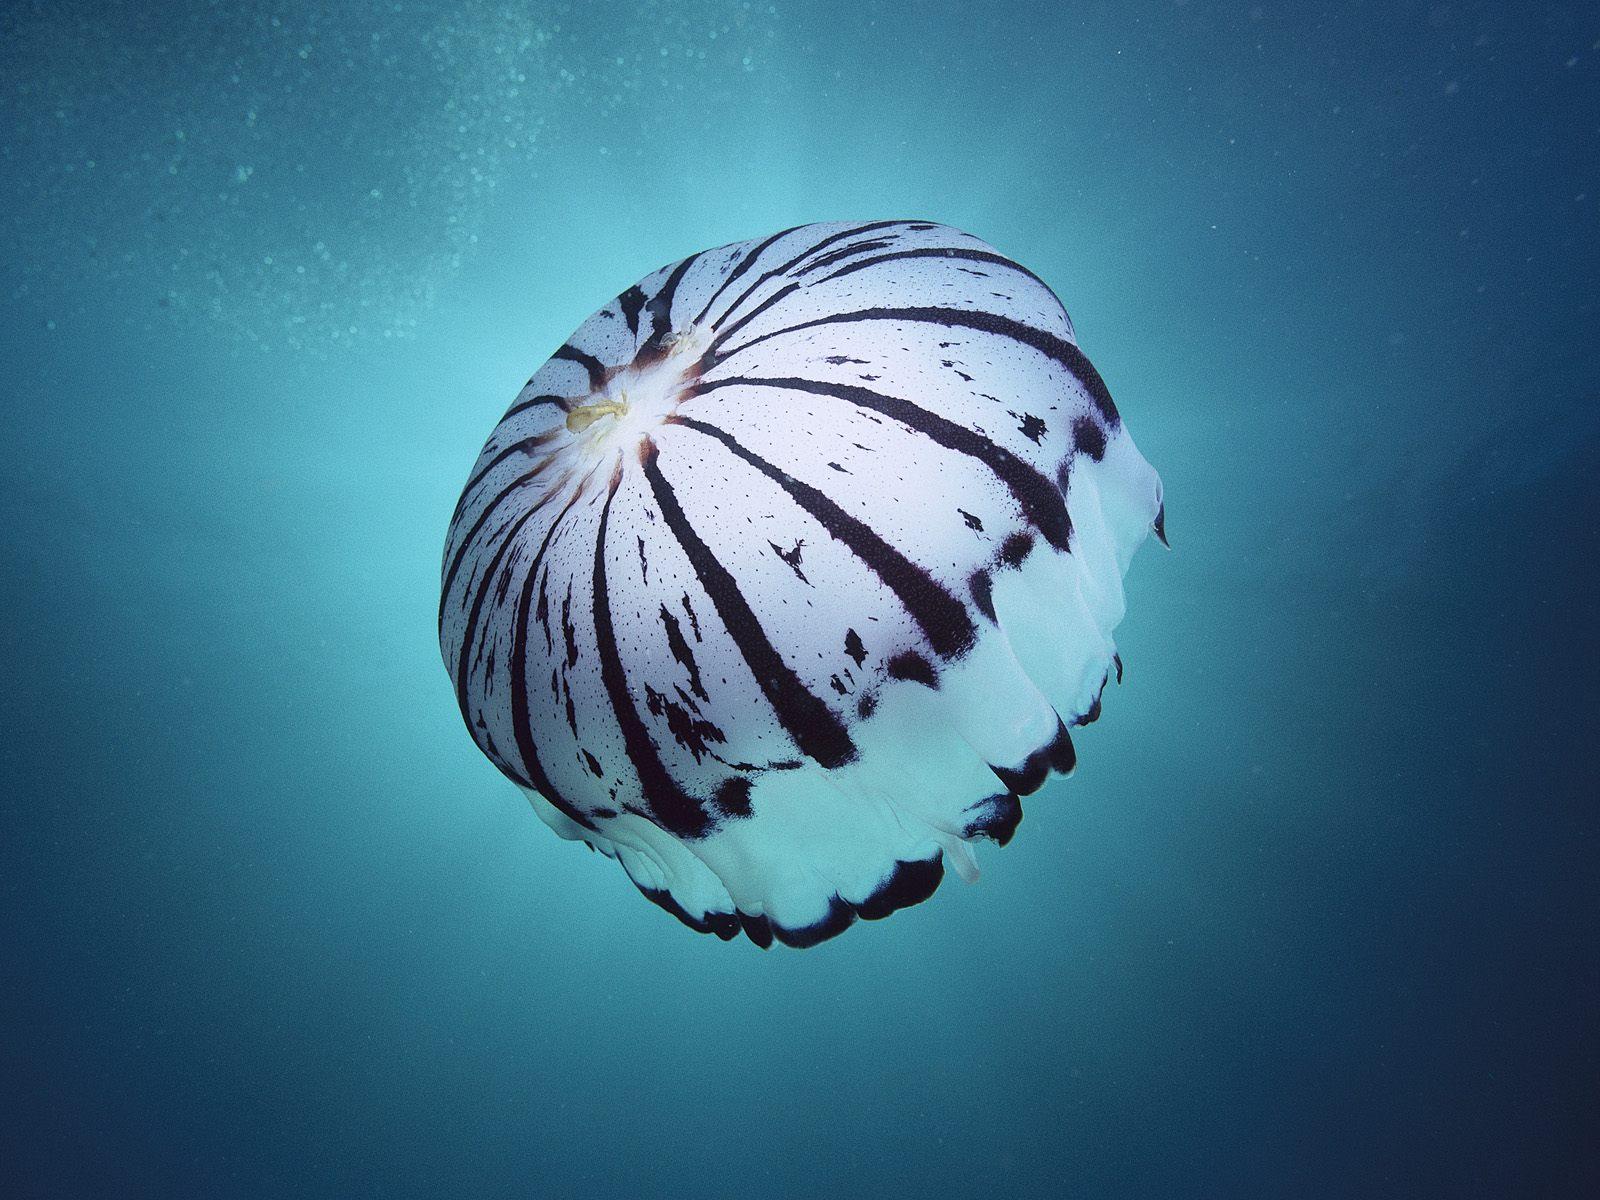 http://1.bp.blogspot.com/-Jat3IbFQDkU/UR08ix8nshI/AAAAAAAAAF4/FsE6aPZxqnU/s1600/Purple-Striped+Jellyfish,+Southern+California.jpg